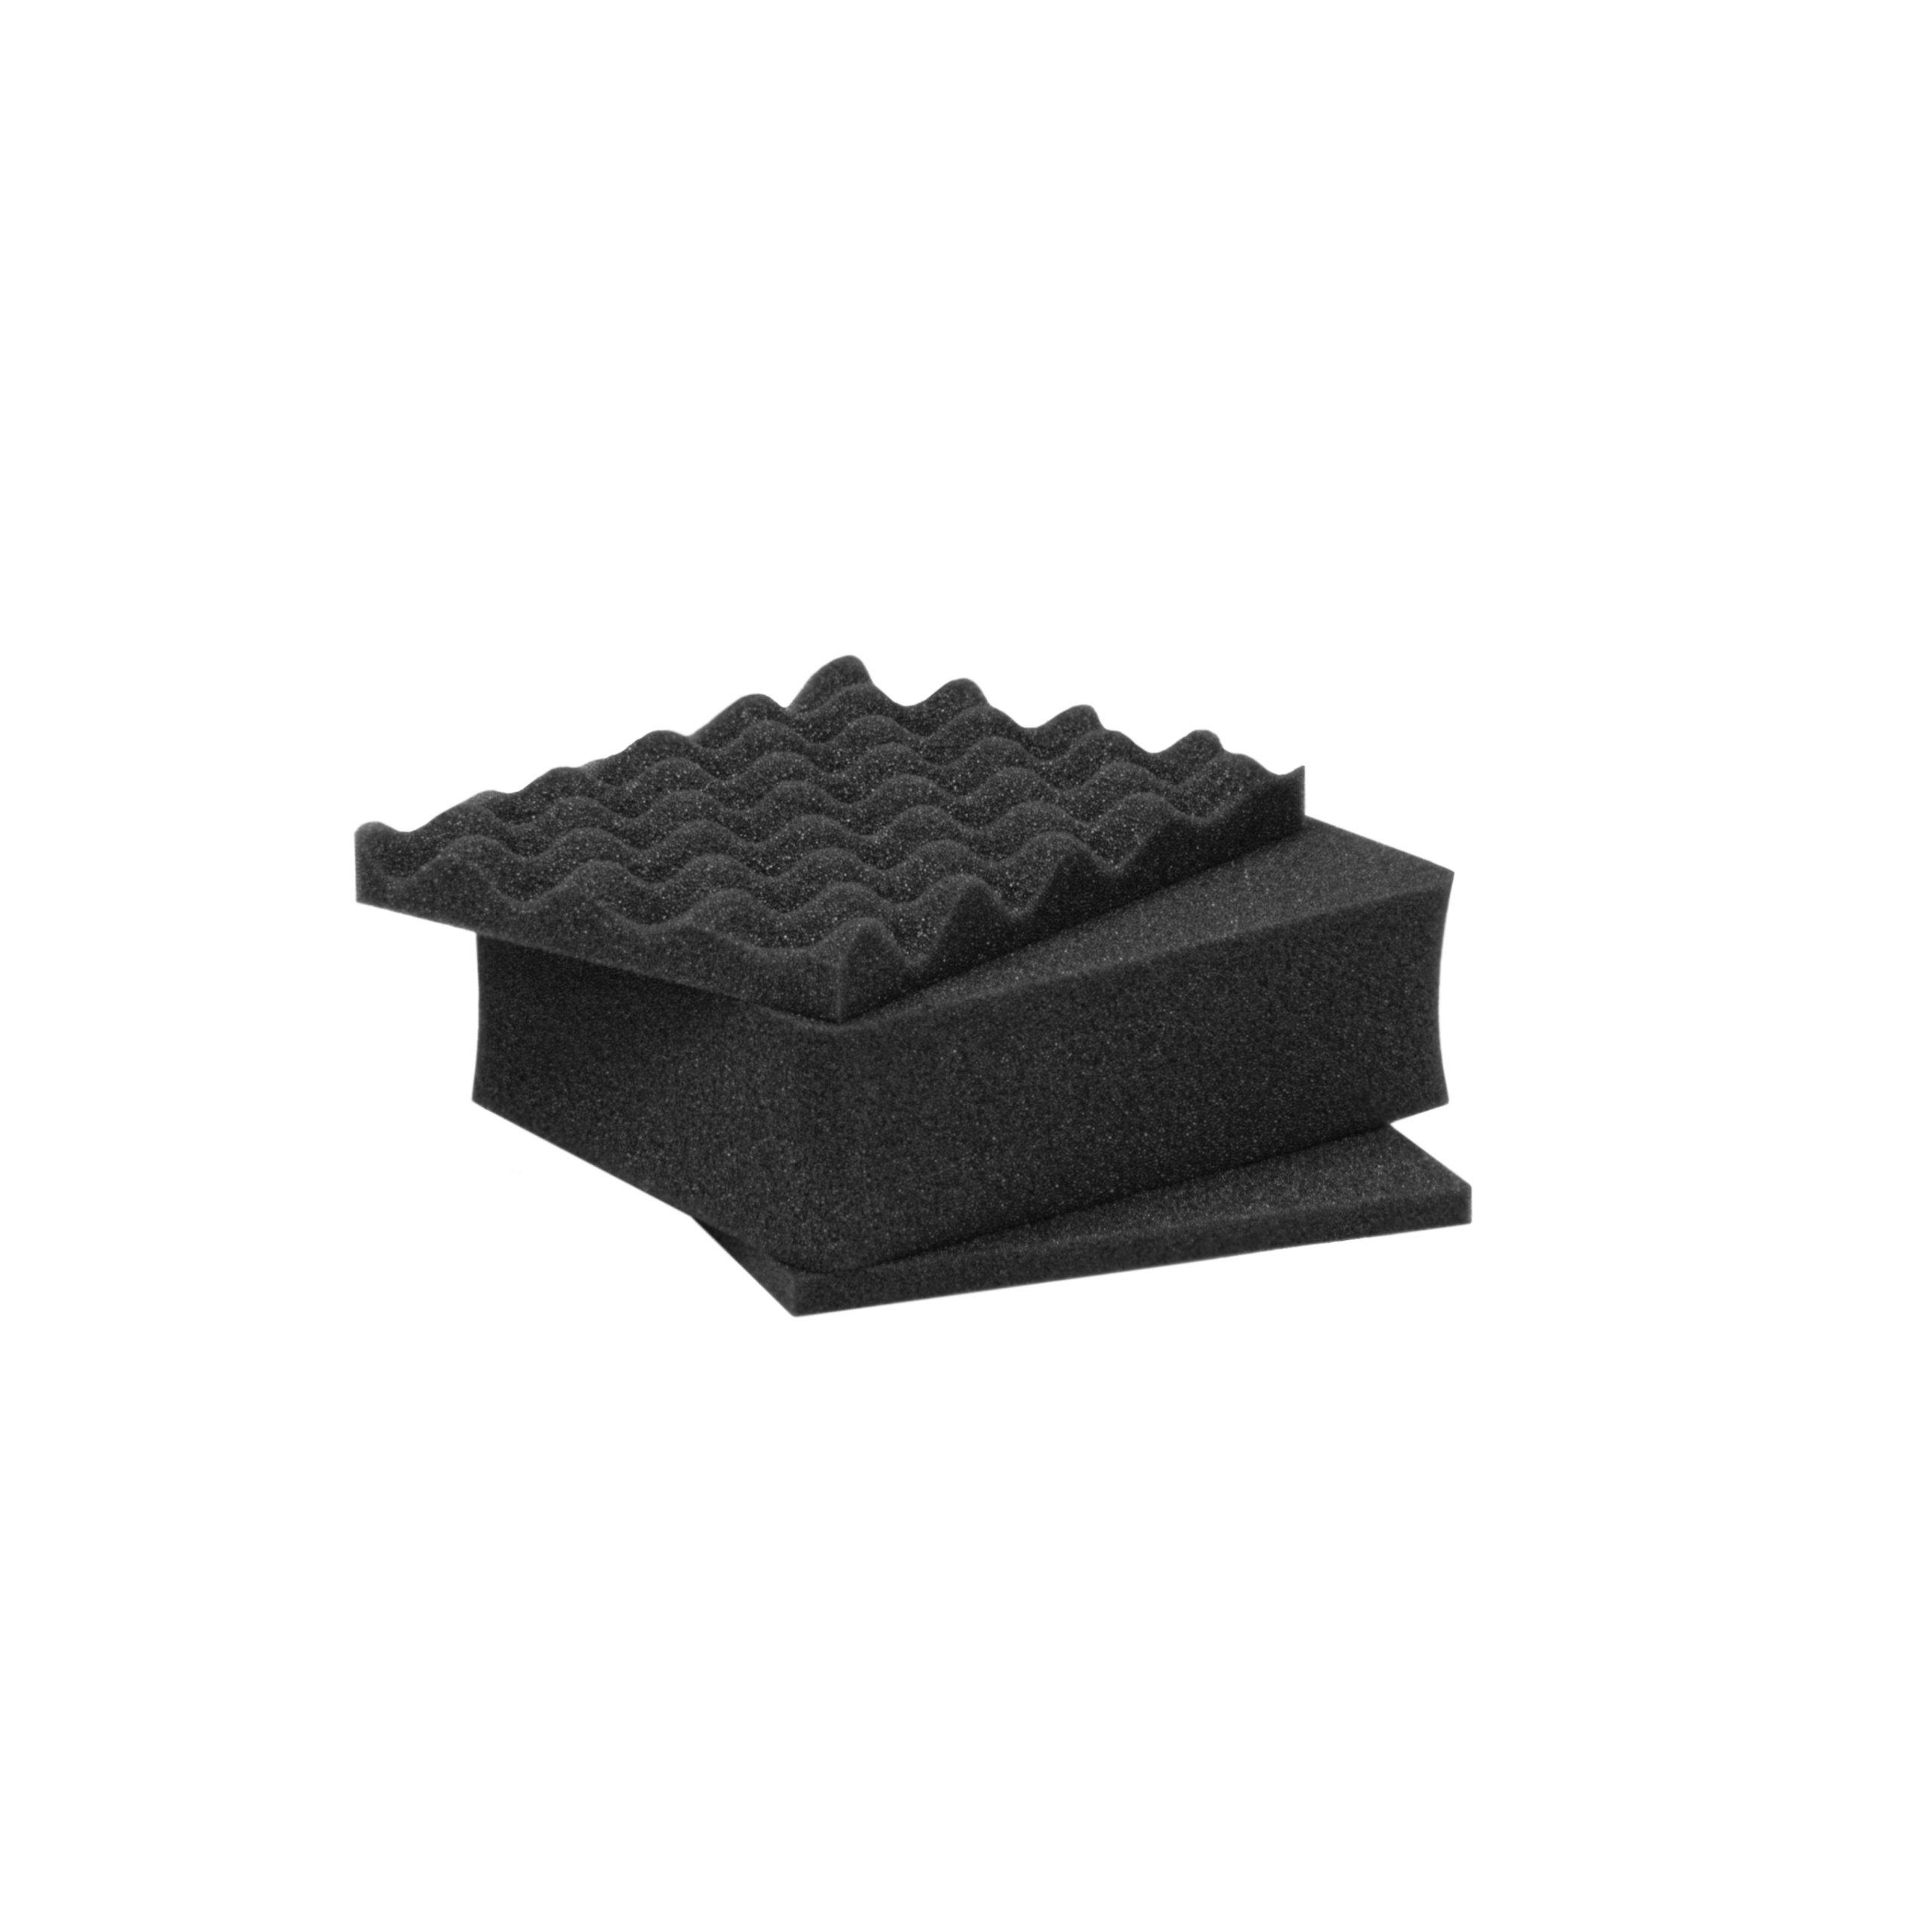 Foam inserts (3 part) for 905 Nanuk Case